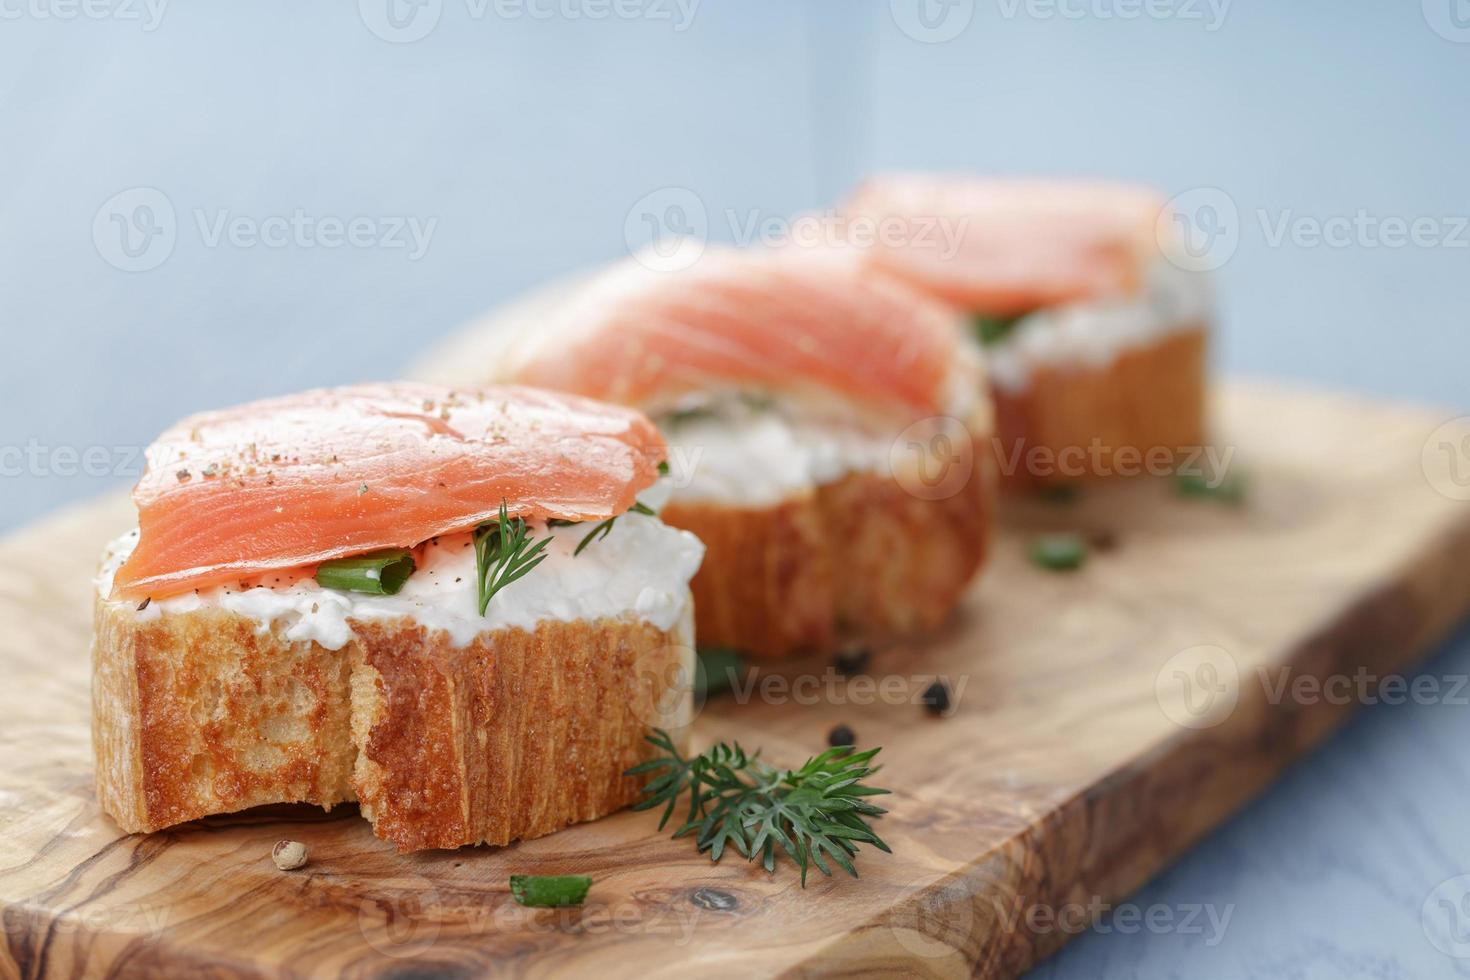 kleine sandwiches met zachte kaas en zalm op houten tafel foto